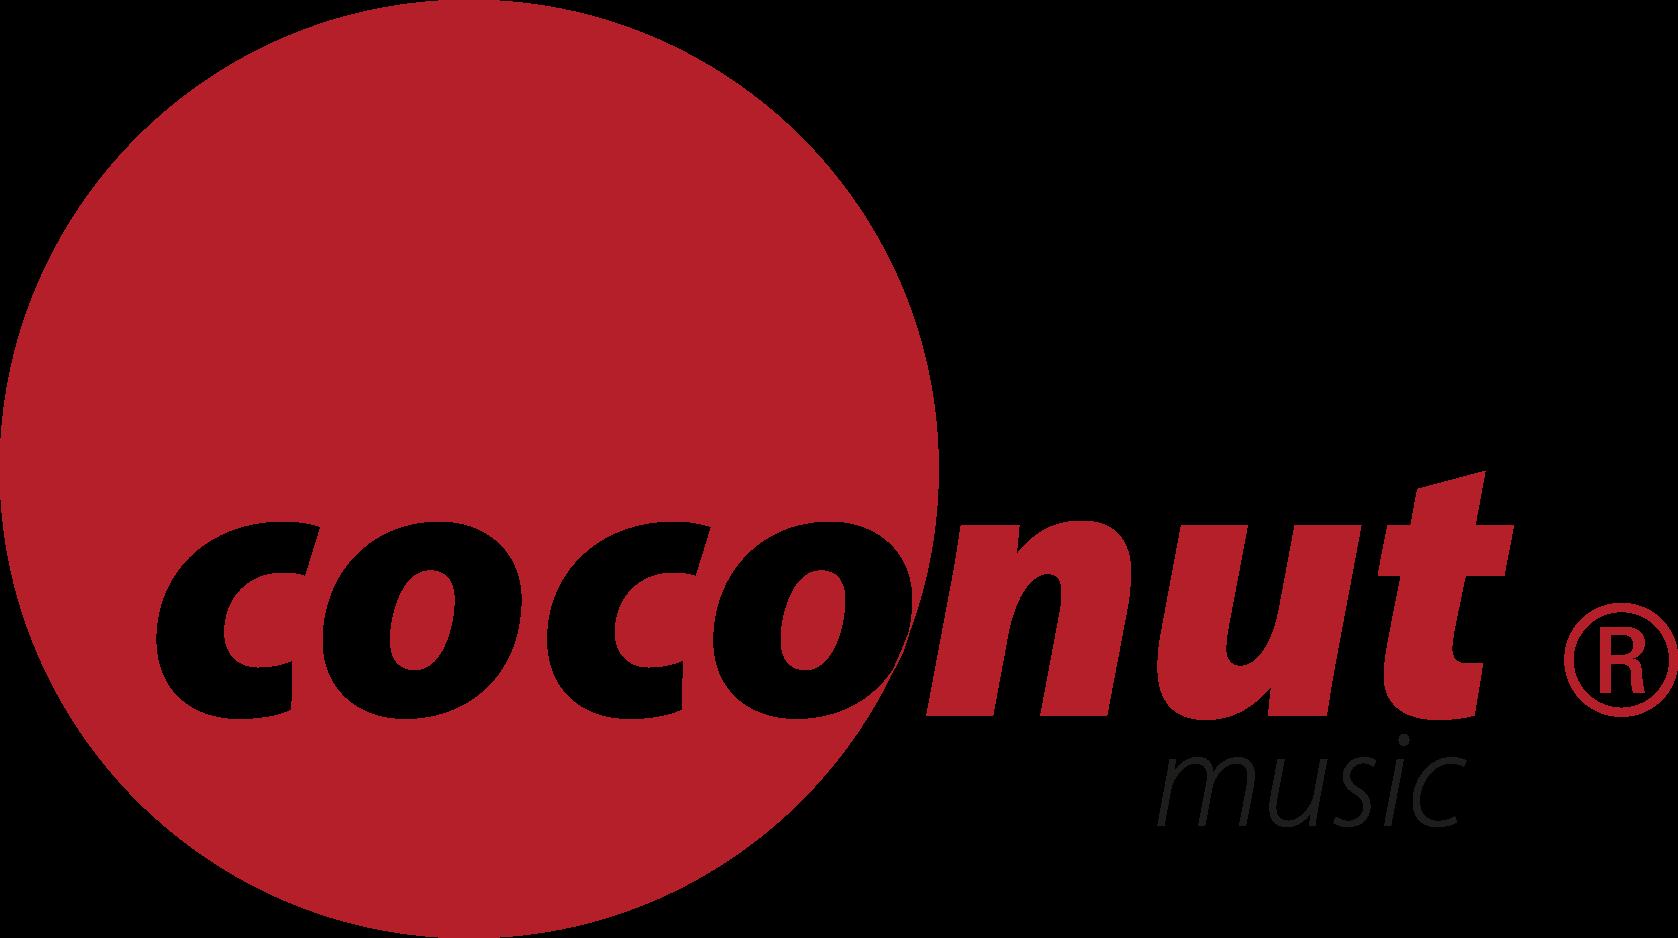 Coconut Music